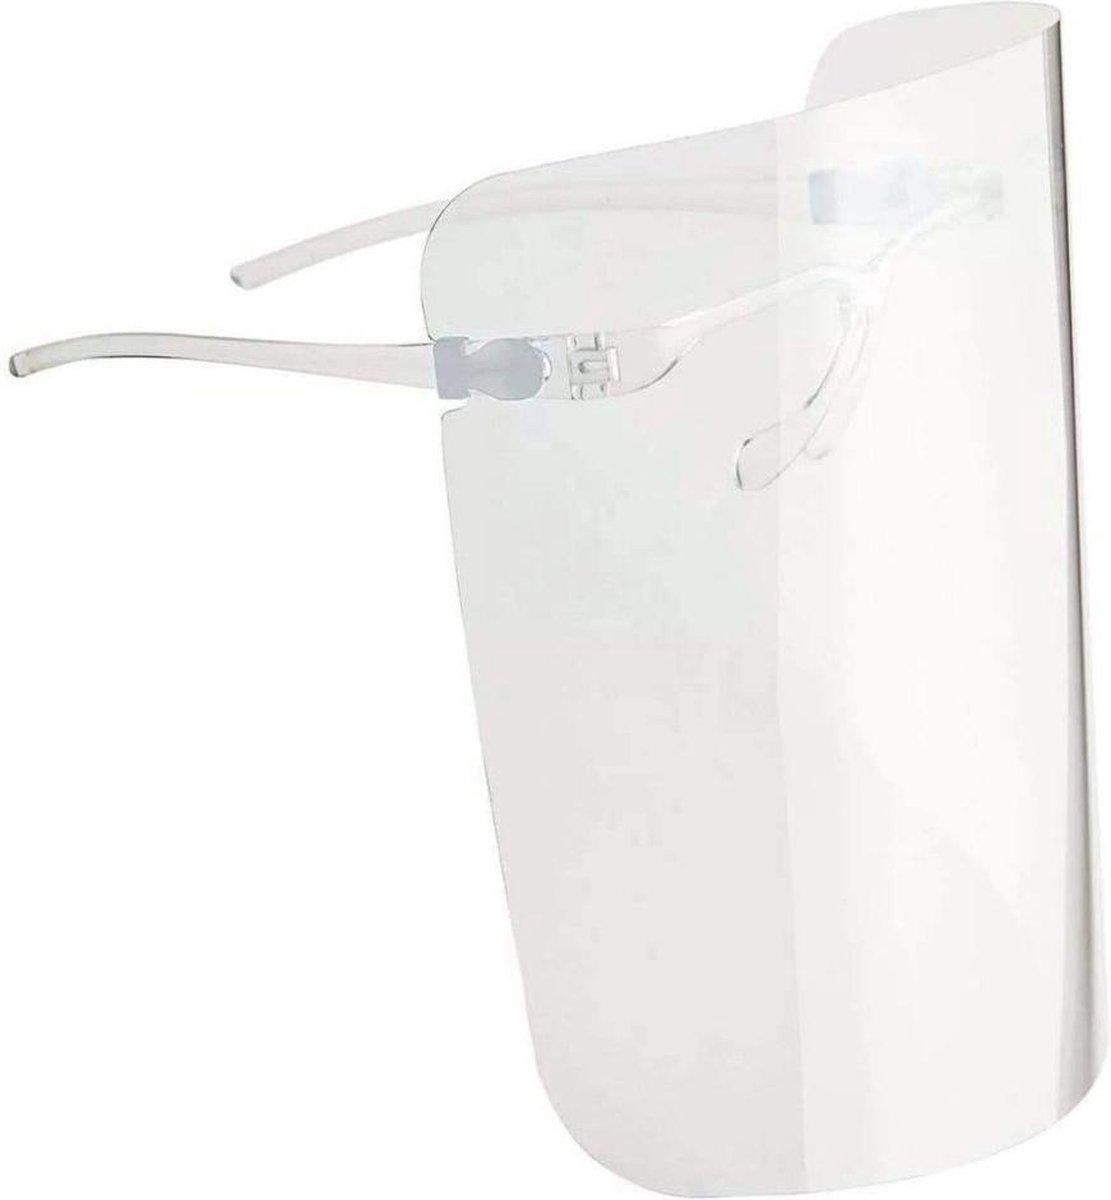 Spatmasker met Brilmontuur - 5 Stuks - Gezichtscherm - Face shield - Spatmasker voor brildragers